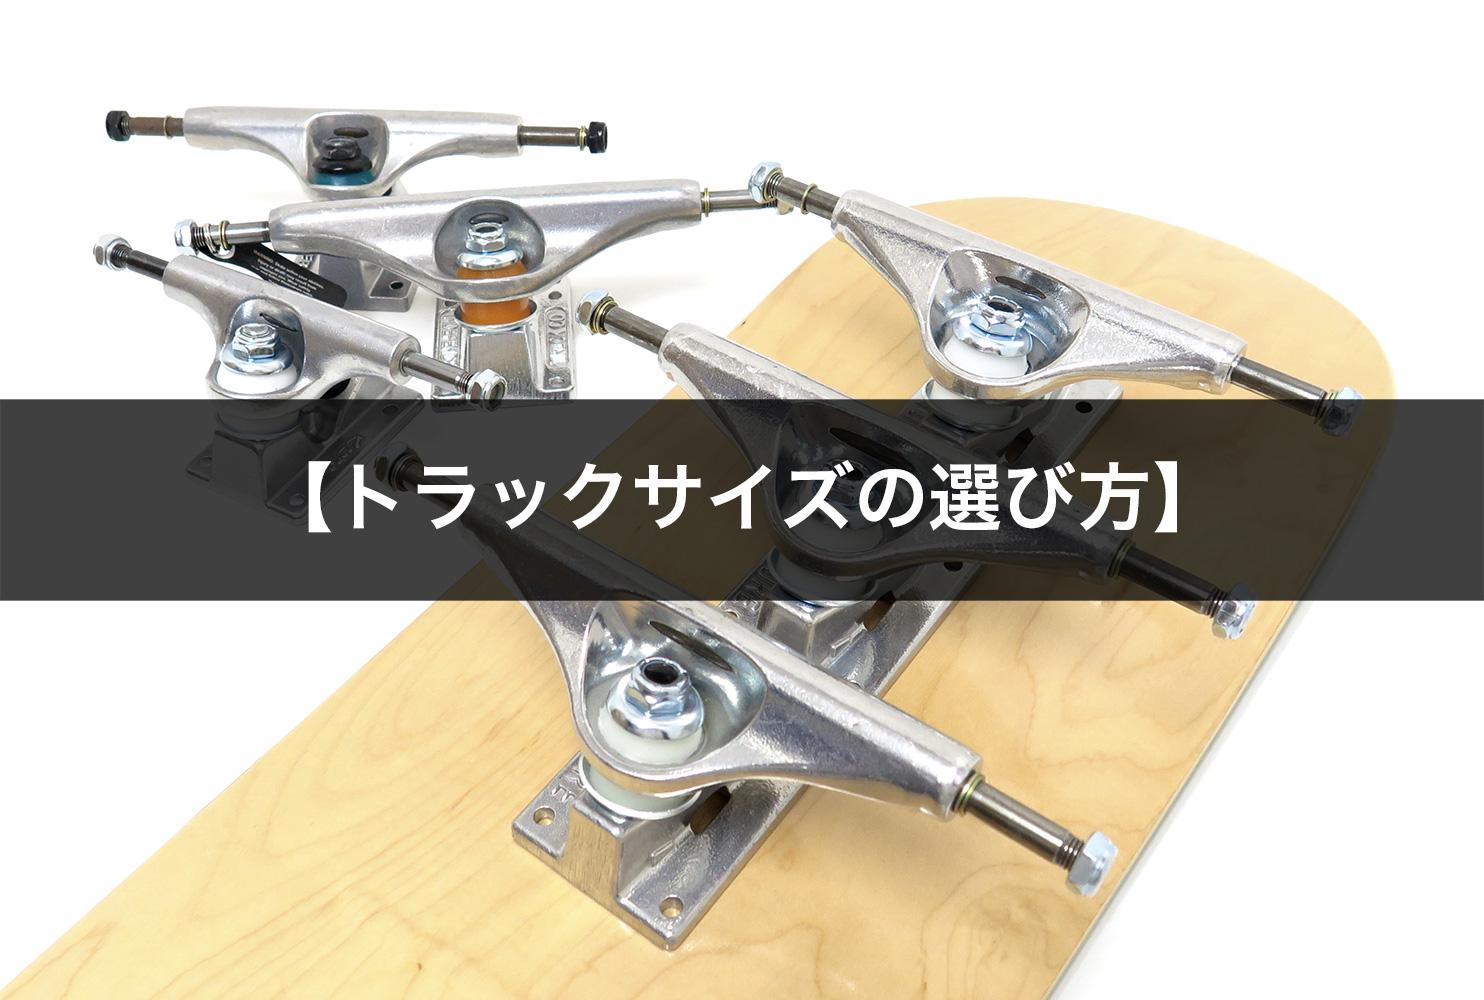 スケートボード(スケボー)の【トラックサイズの選び方】